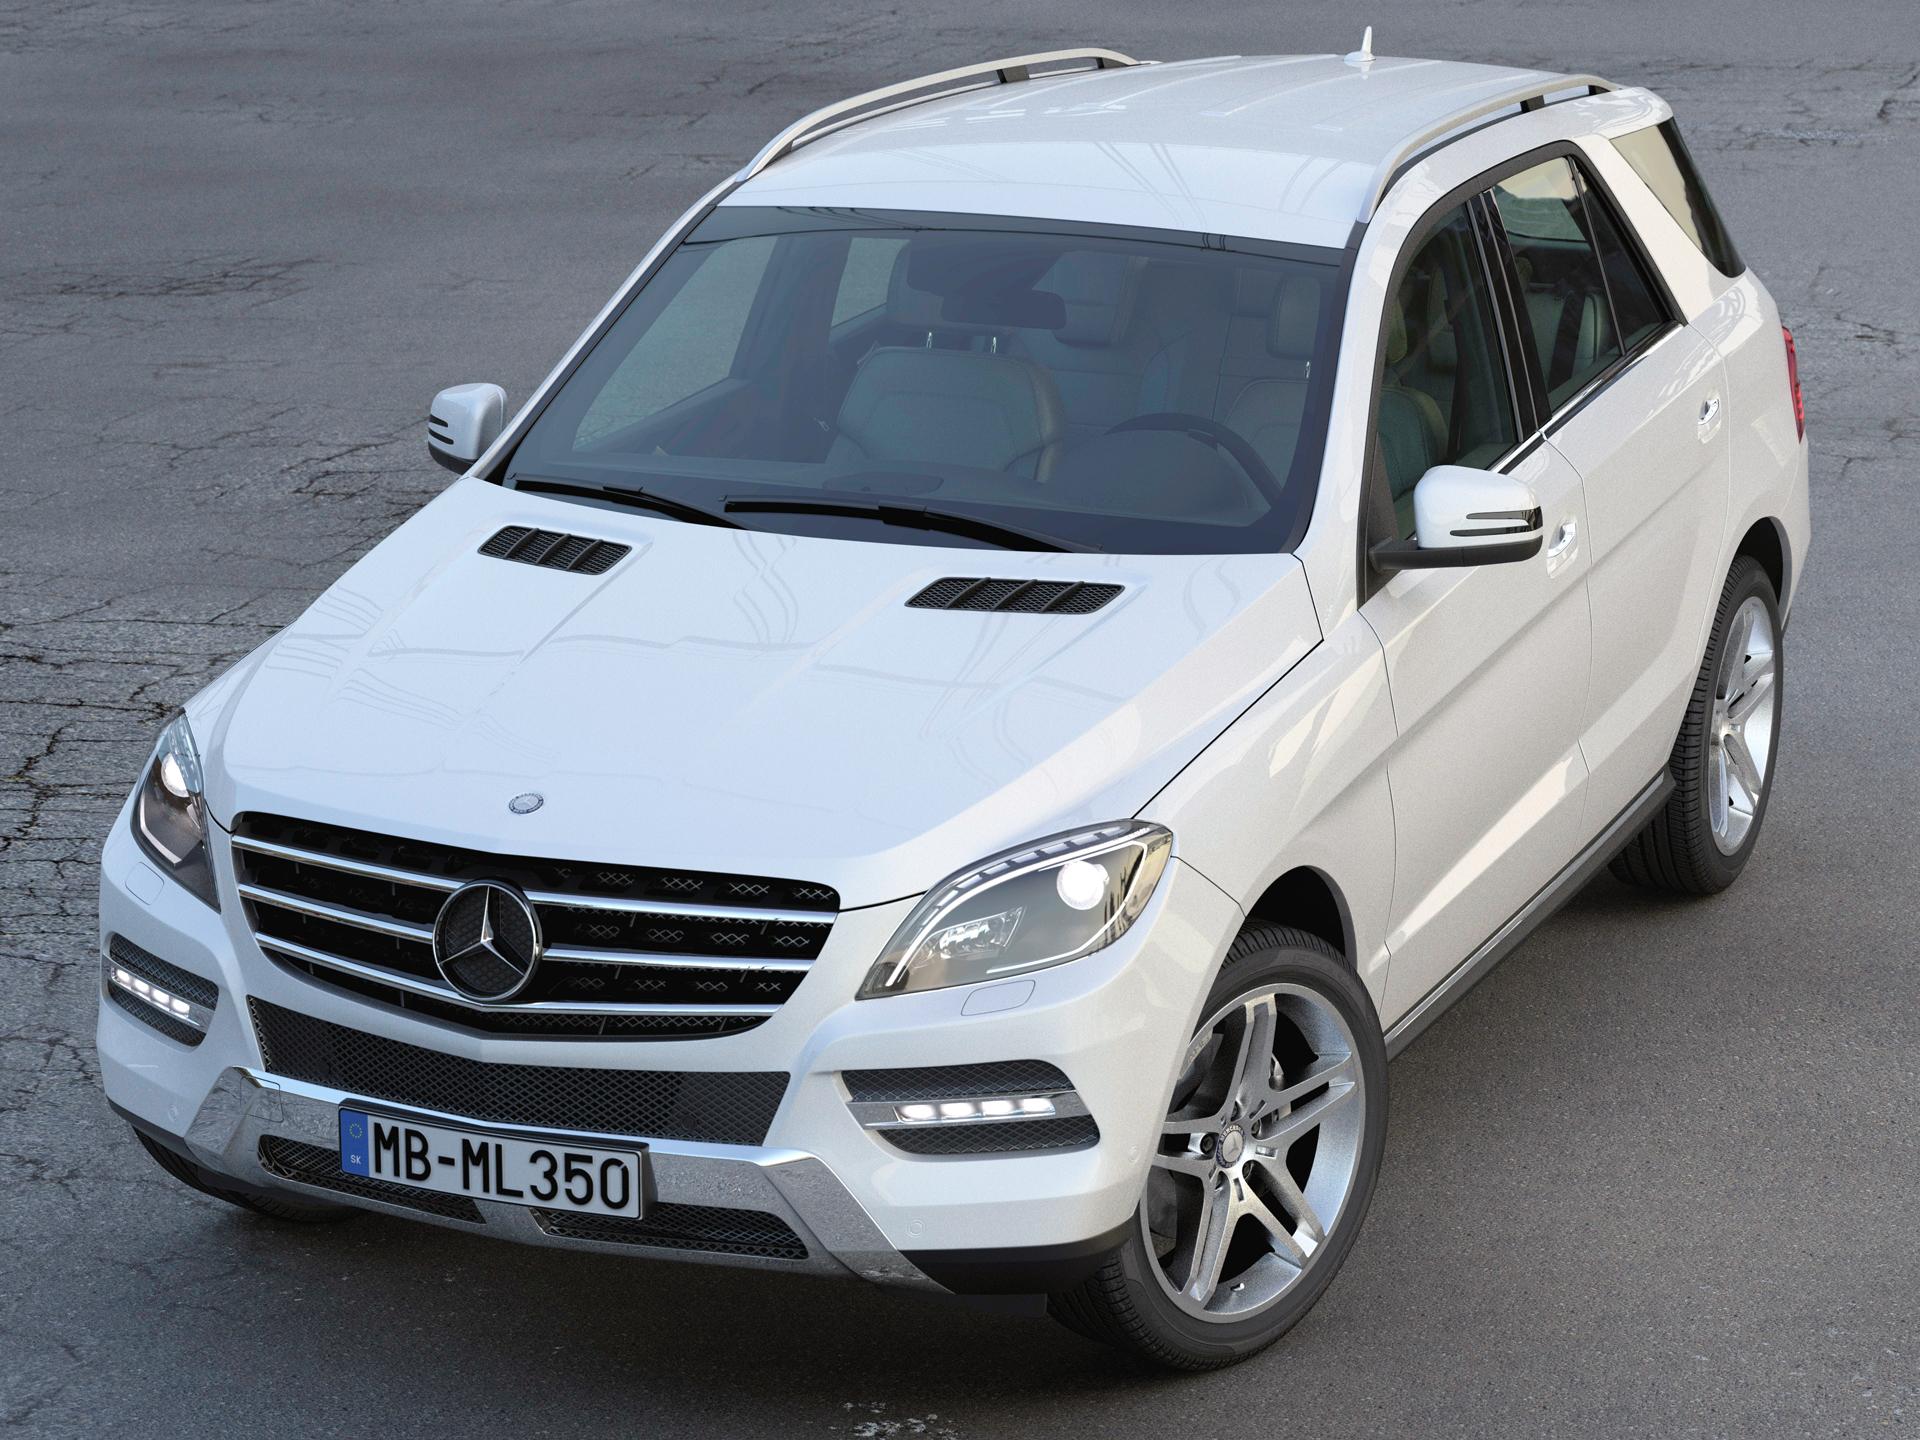 Mercedes Benz ML Class 2013 3d model 3ds max fbx c4d obj 213347